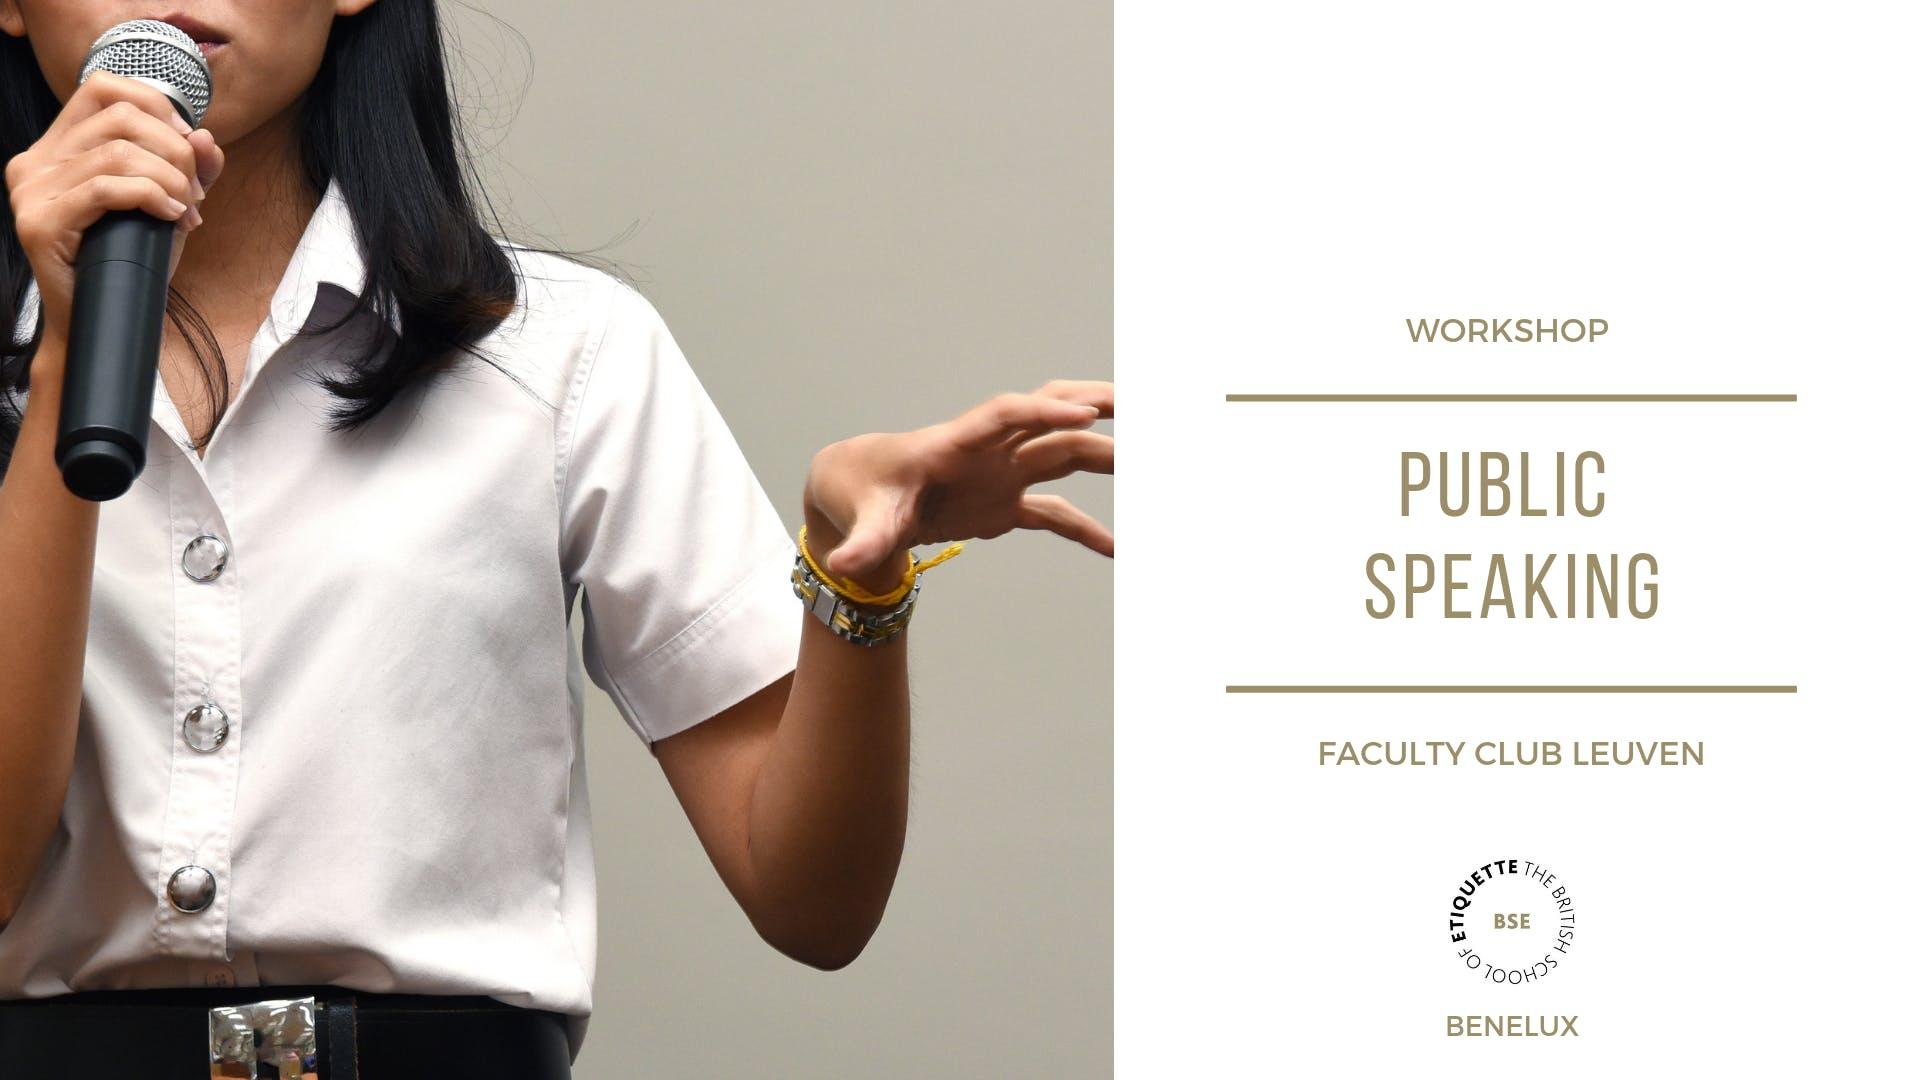 Spreken voor Publiek - Public Speaking inclusief netwerklunch